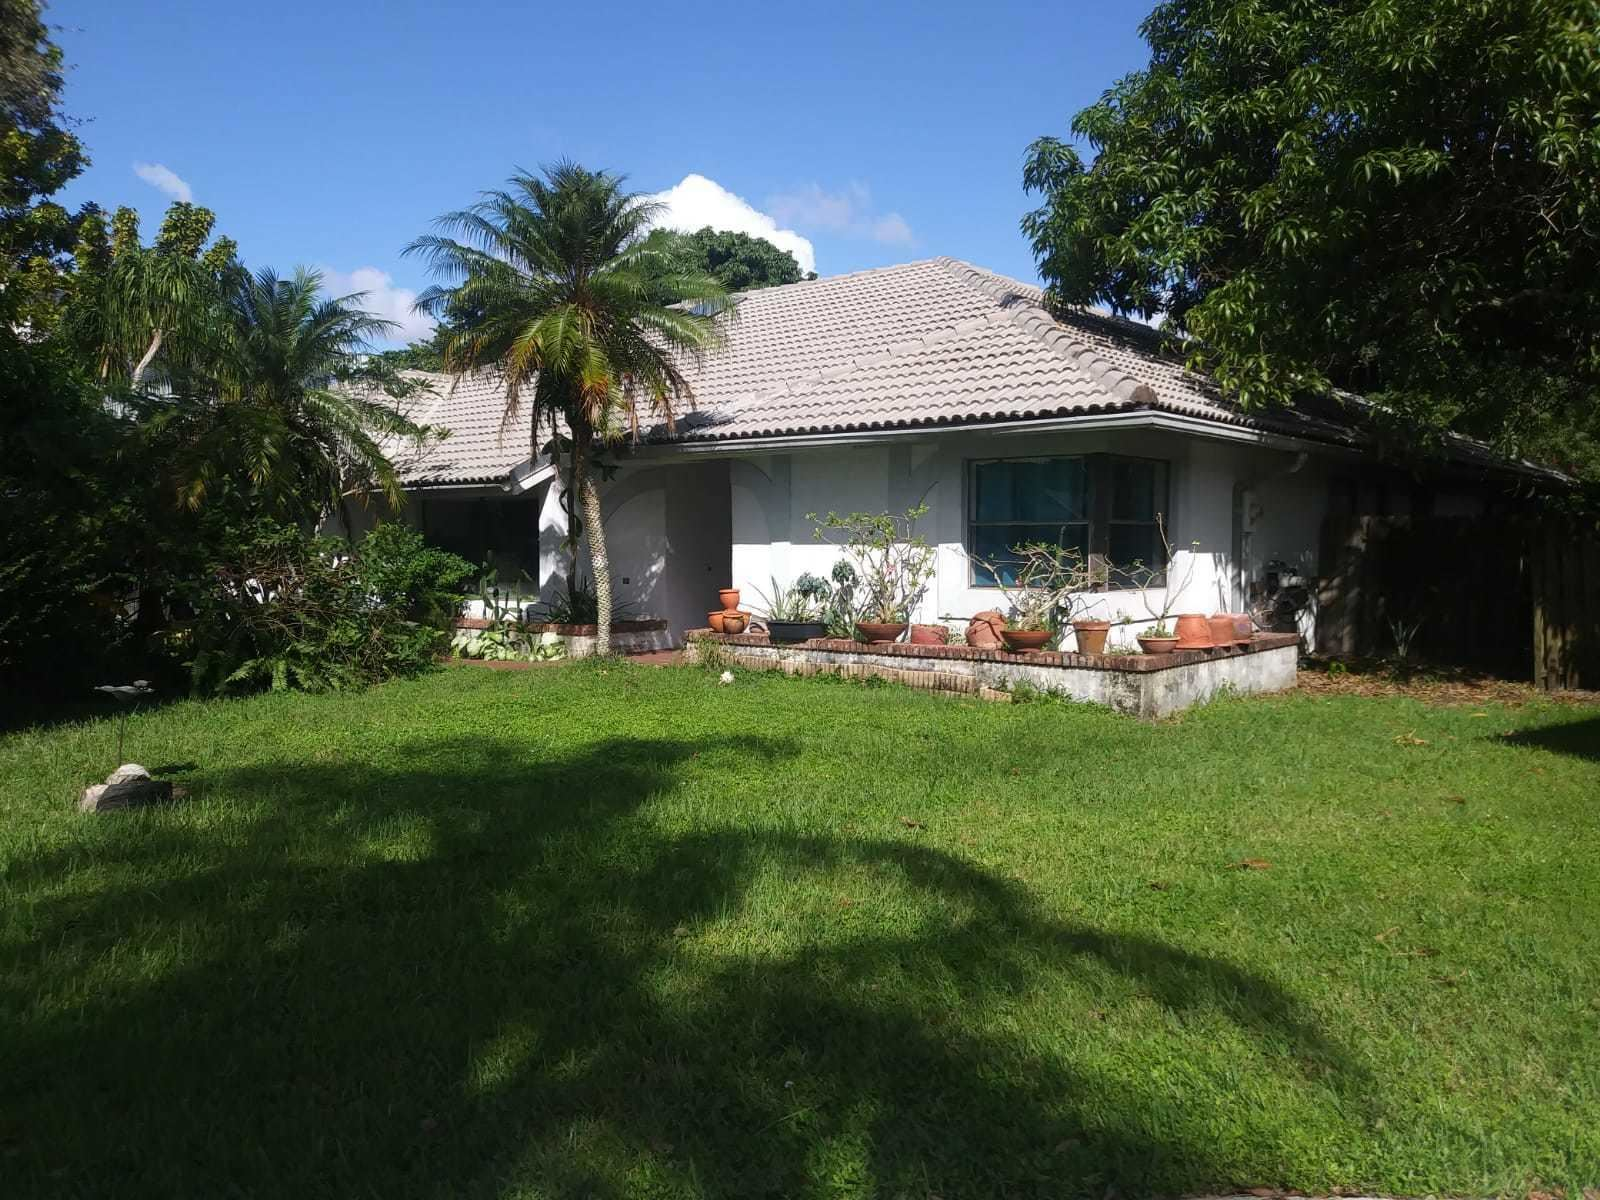 22183 Larkspur Trail, Boca Raton, FL 33433 - #: RX-10609869